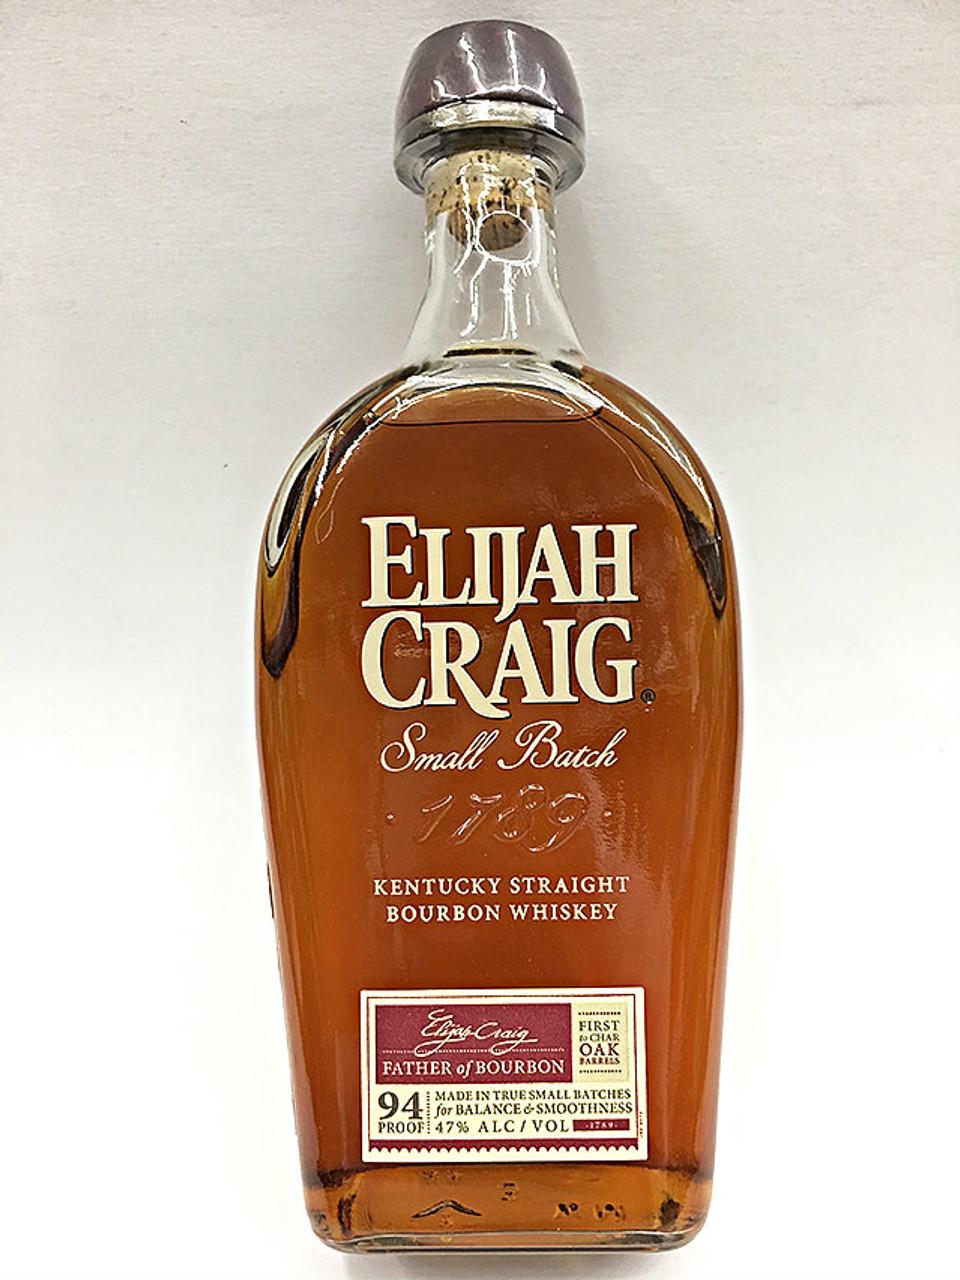 Elijah Craig Small Batch Bourbon Quality Liquor Store